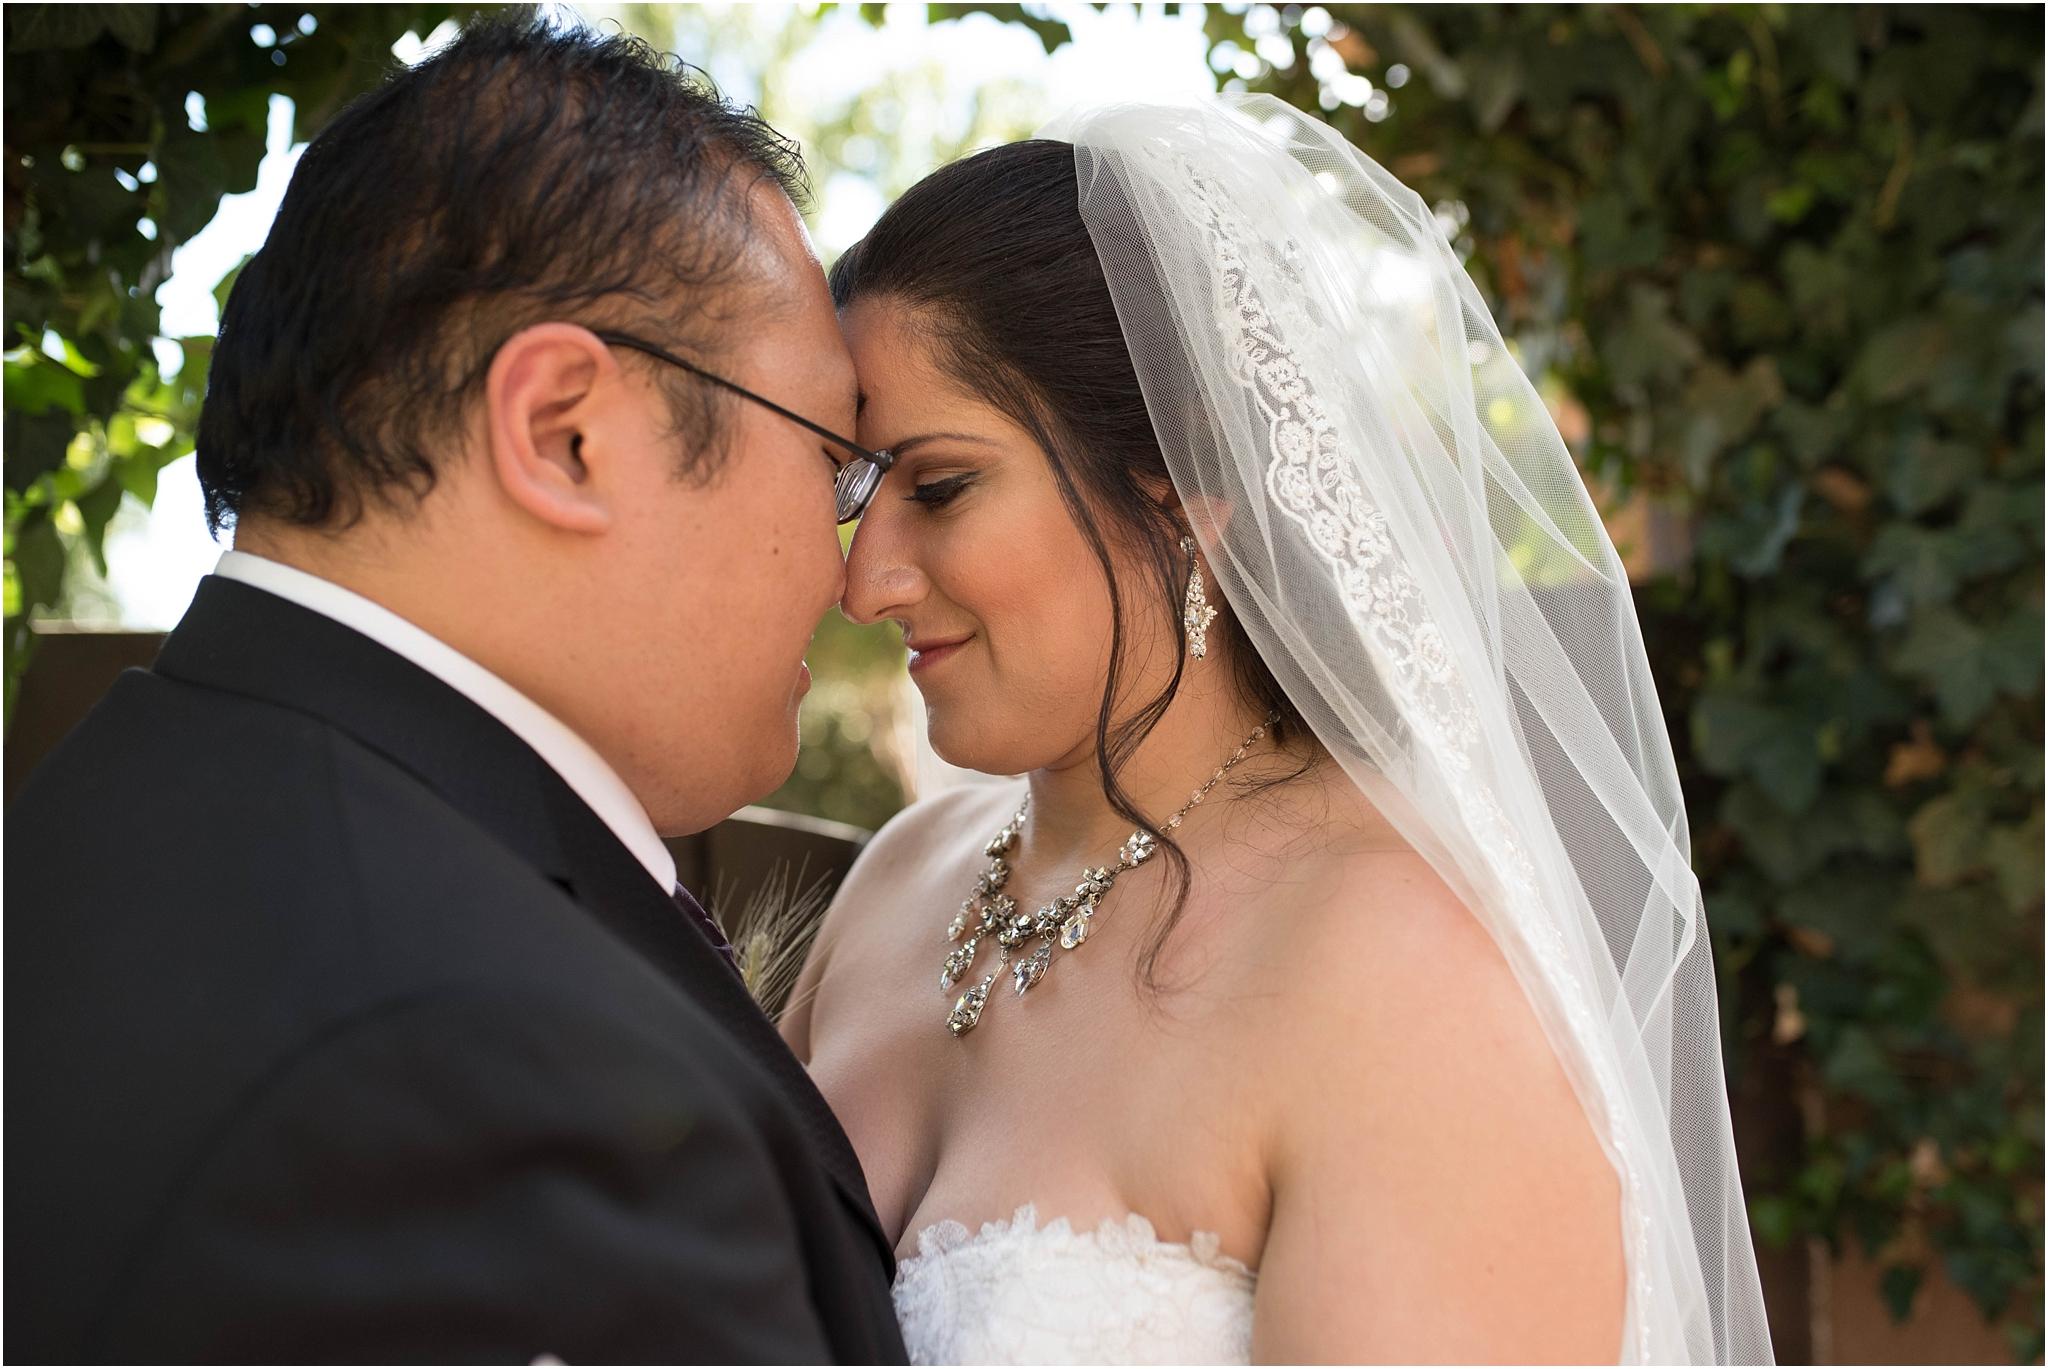 kayla kitts photography - new mexico wedding photographer - albuquerque botanic gardens - hotel albuquerque_0013.jpg